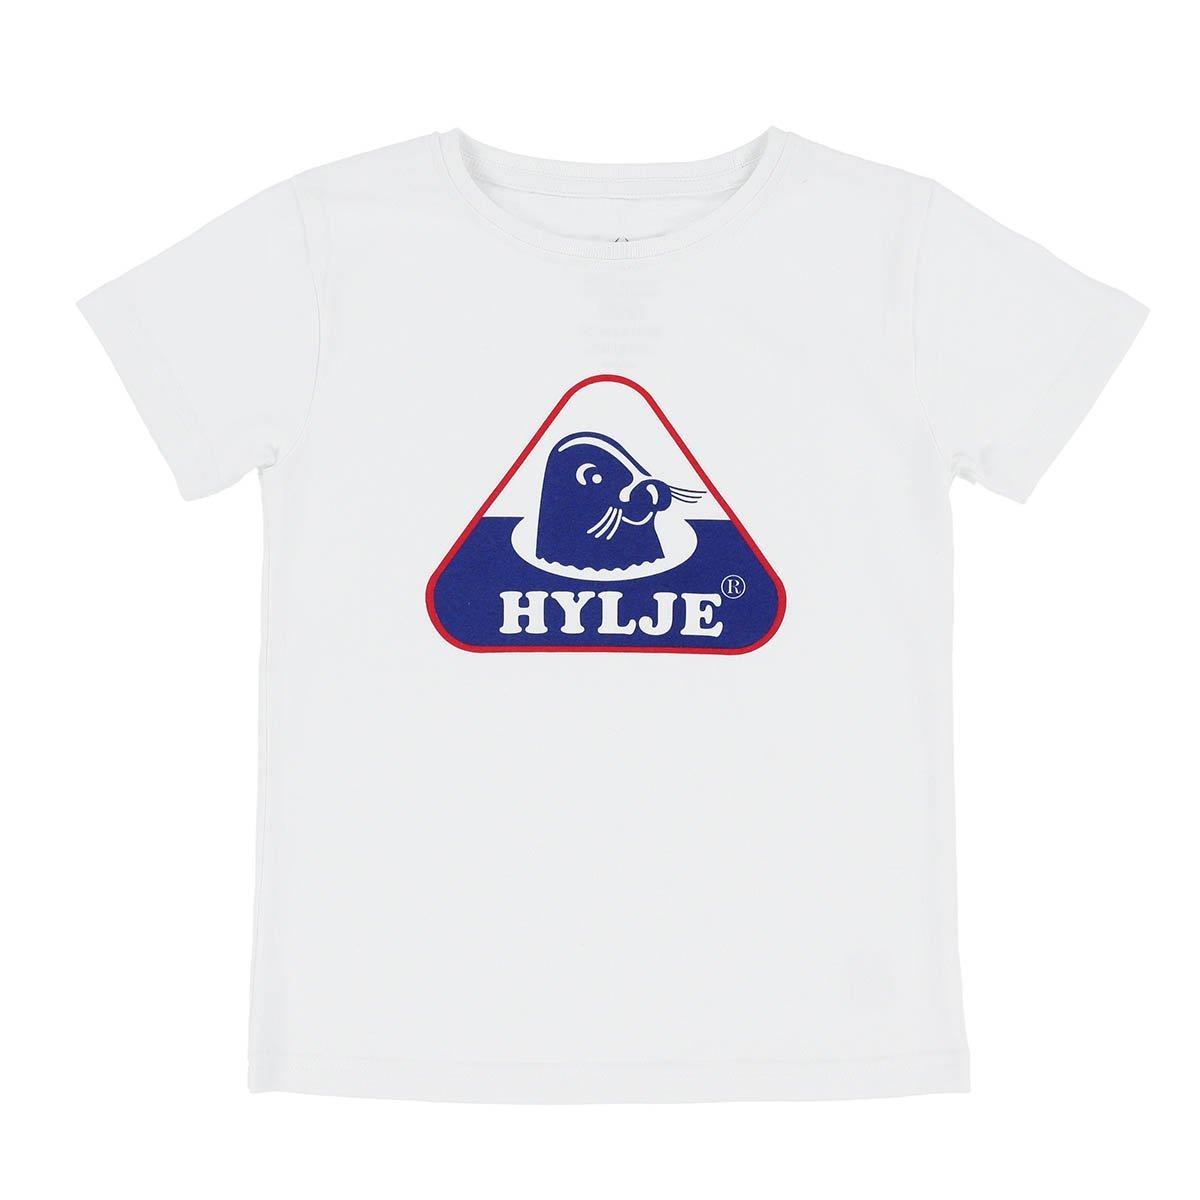 Tilaajalahja T-paita XL, XXL Meidän Perheen Ukki (keinu)